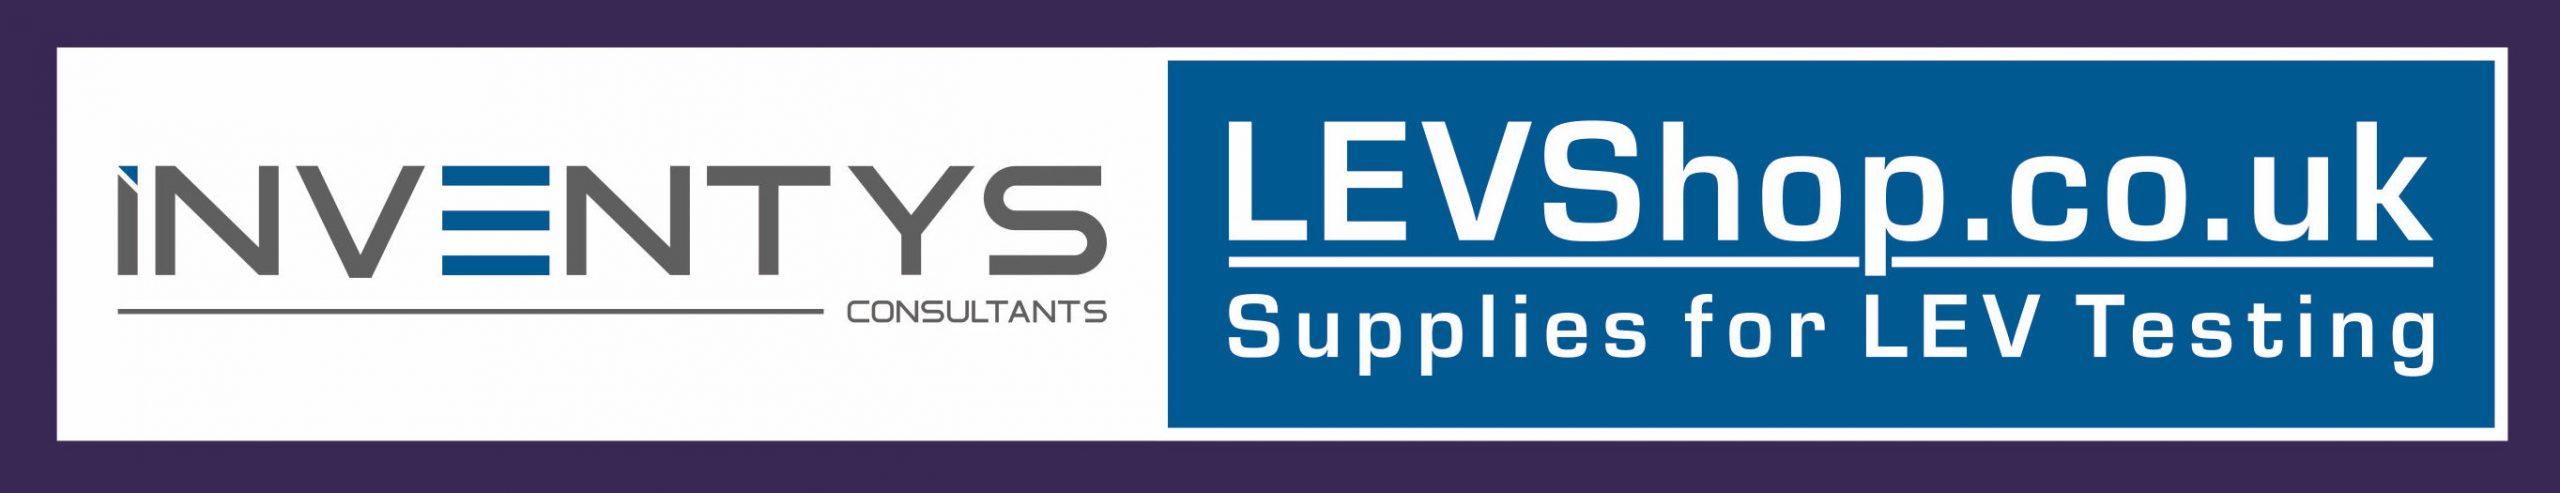 LEVShop.co.uk